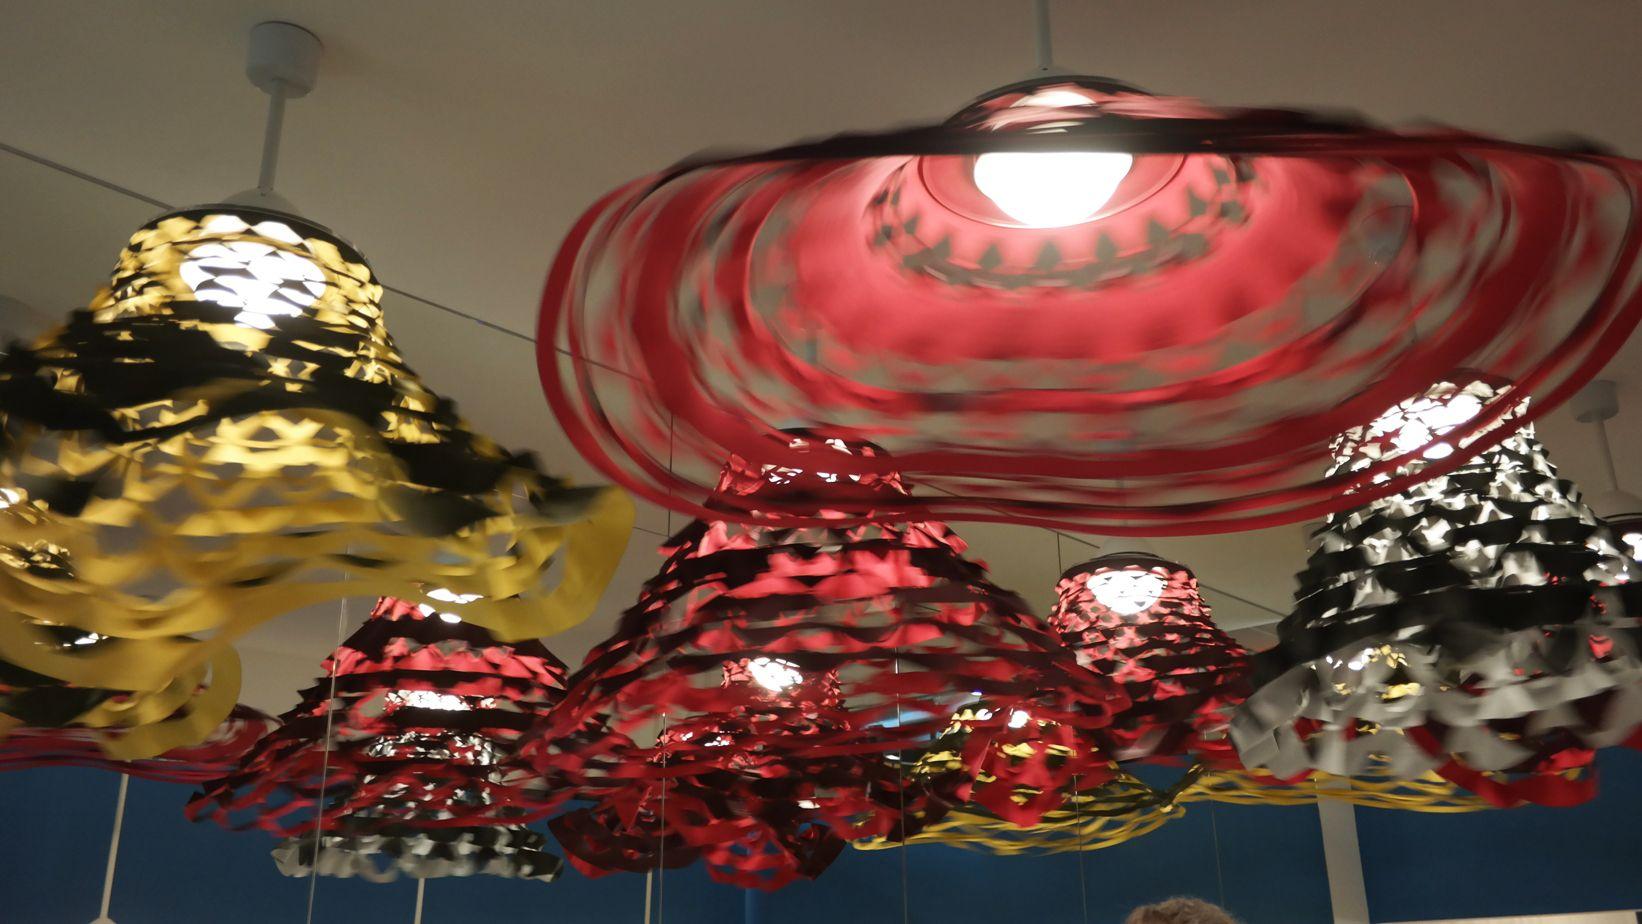 Día 2, visitando la Euroluce, 25 lanzamientos que nos cautivaron Este año es año de Euroluce, la exposición bienal que reúne a la industria de la iluminación. ¡Toda una fiesta alrededor de la luz!  http://www.podiomx.com/2015/04/dia-2-visitando-la-euroluce-25.html